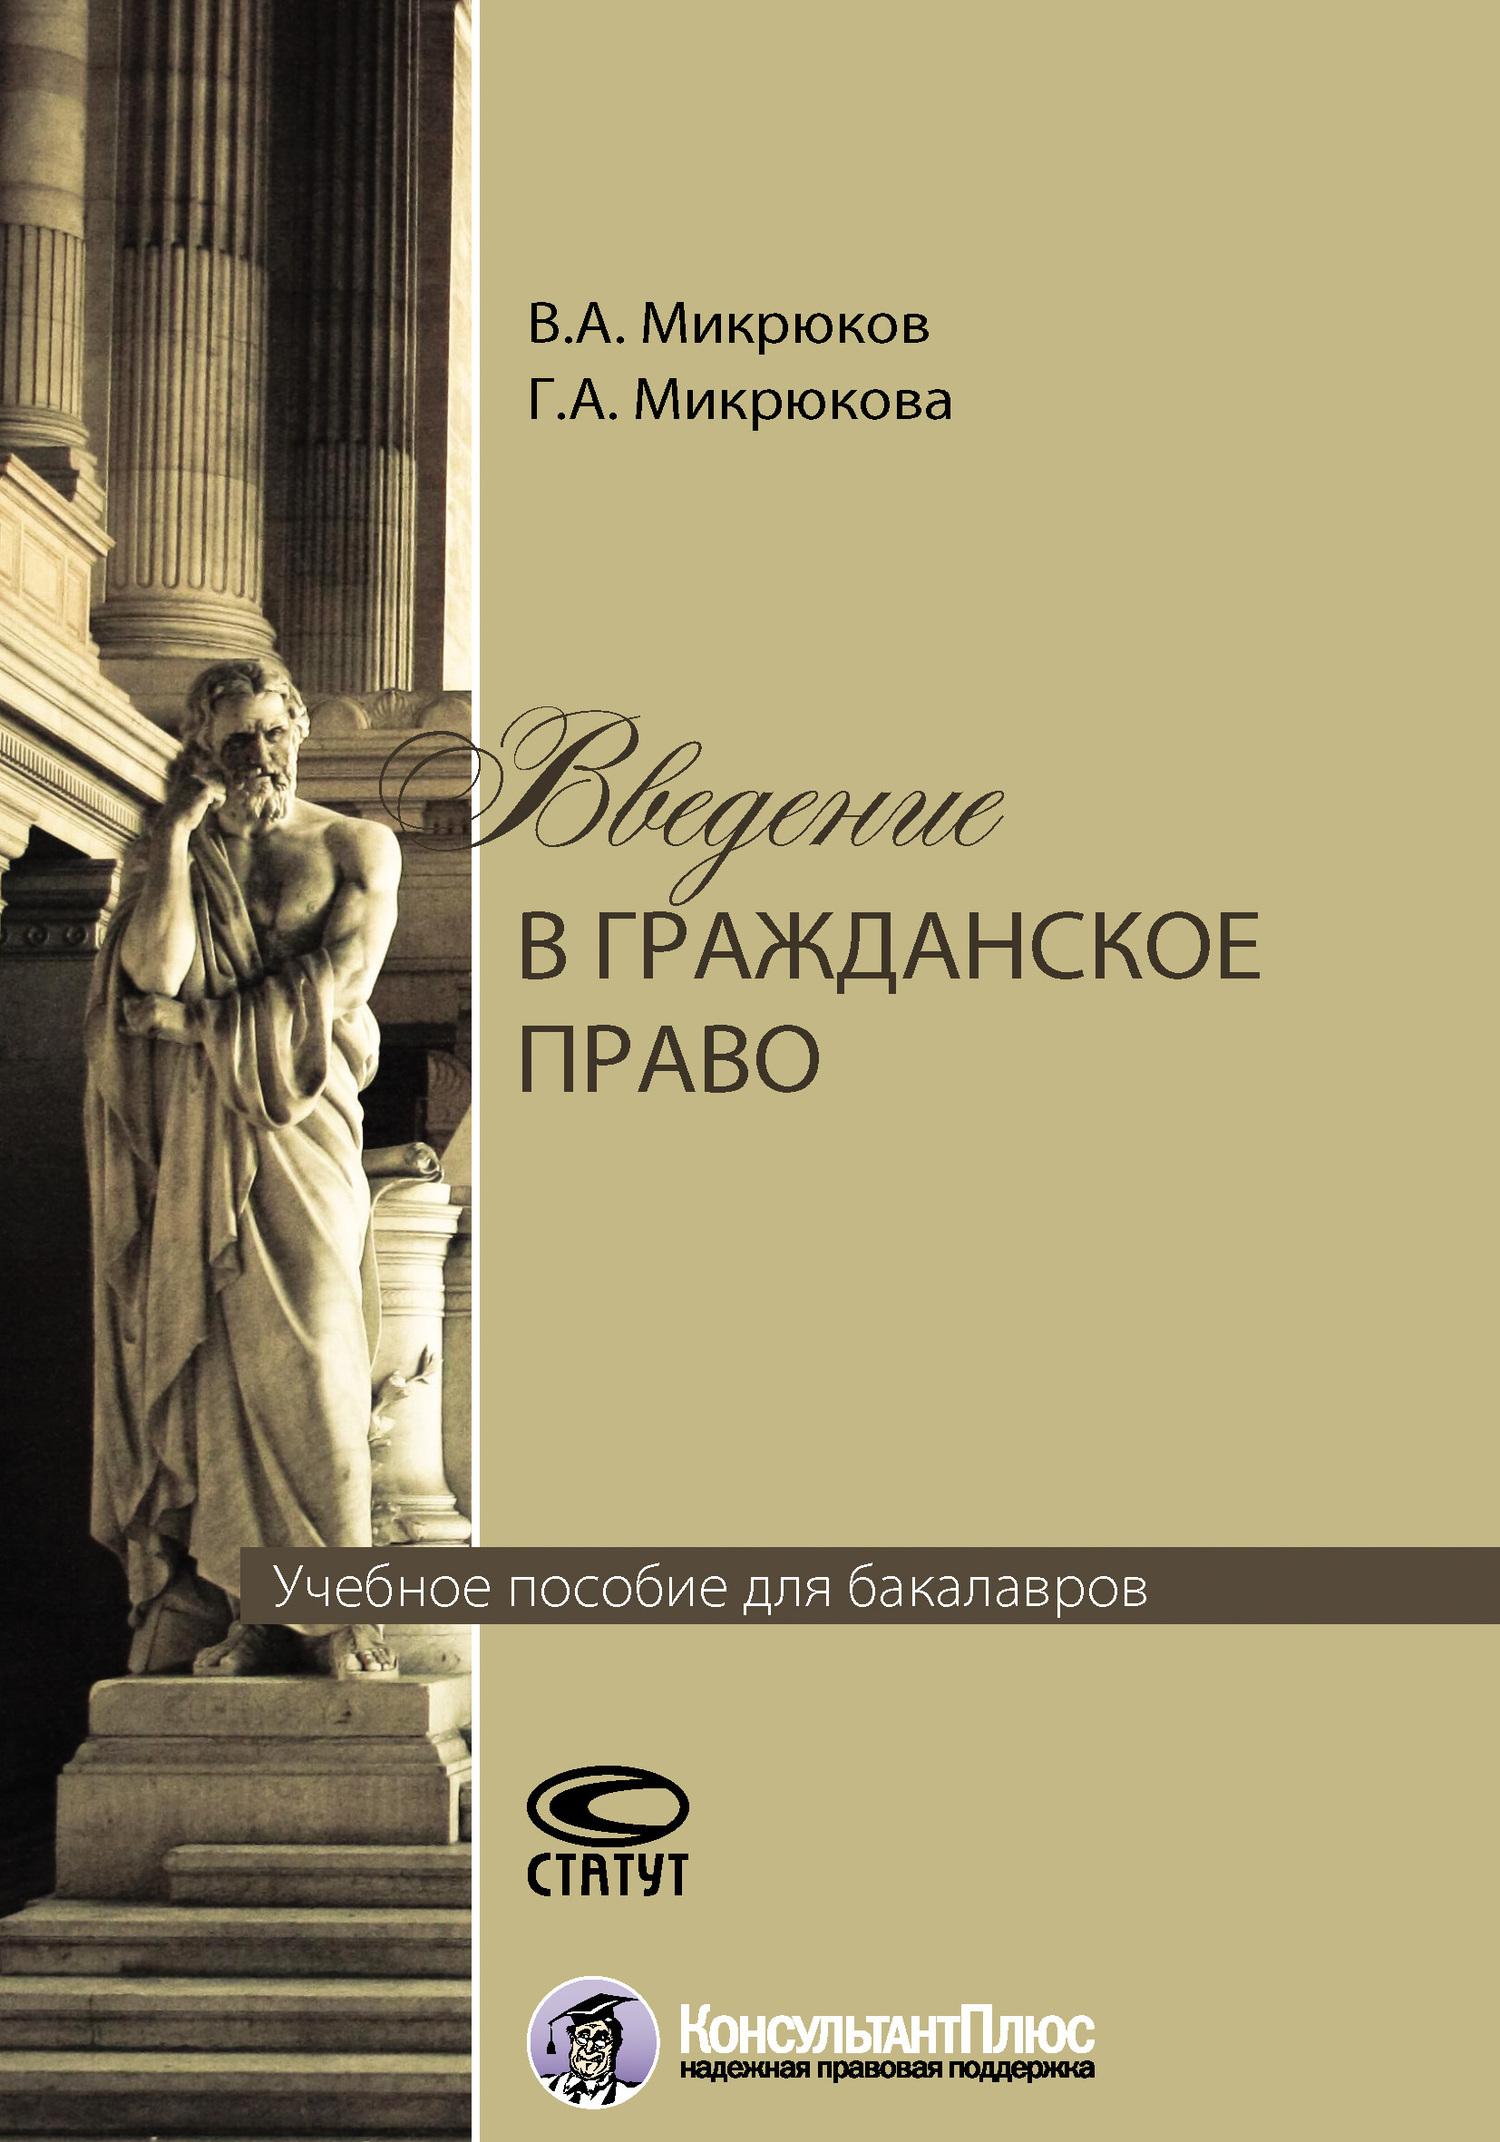 Галина Микрюкова, Виктор Микрюков - Введение в гражданское право